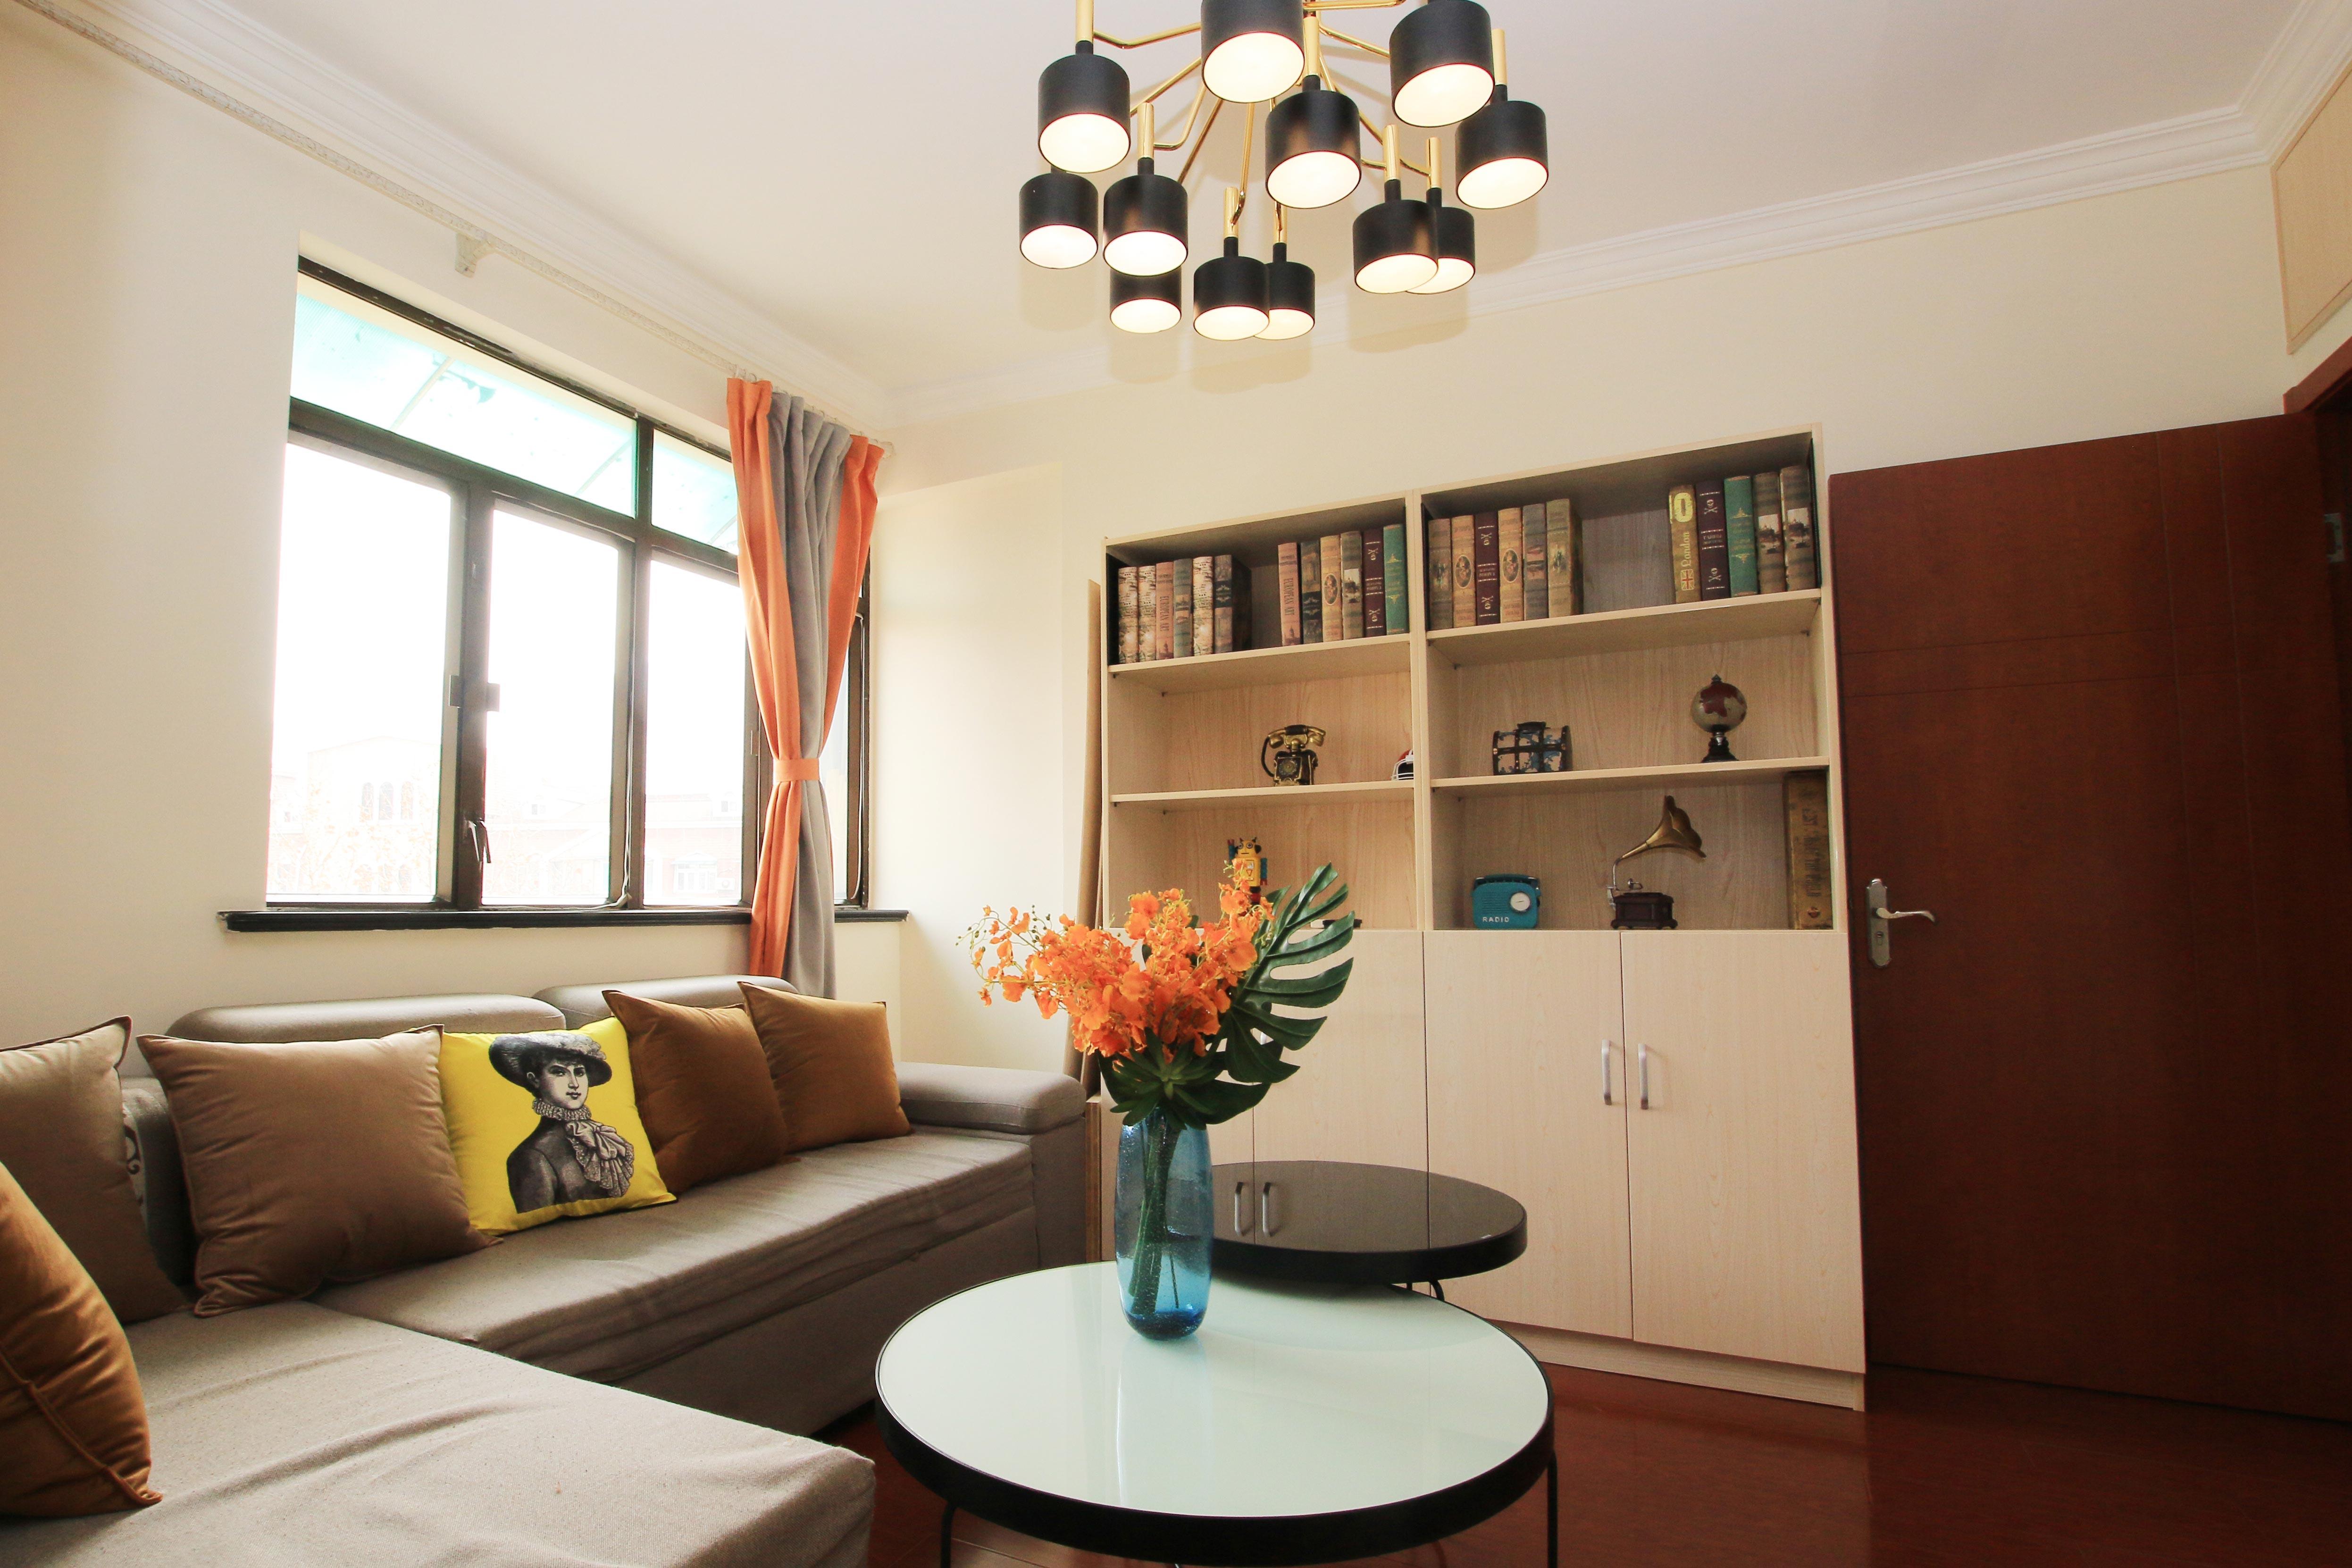 85㎡现代风格二居室装修吊灯设计